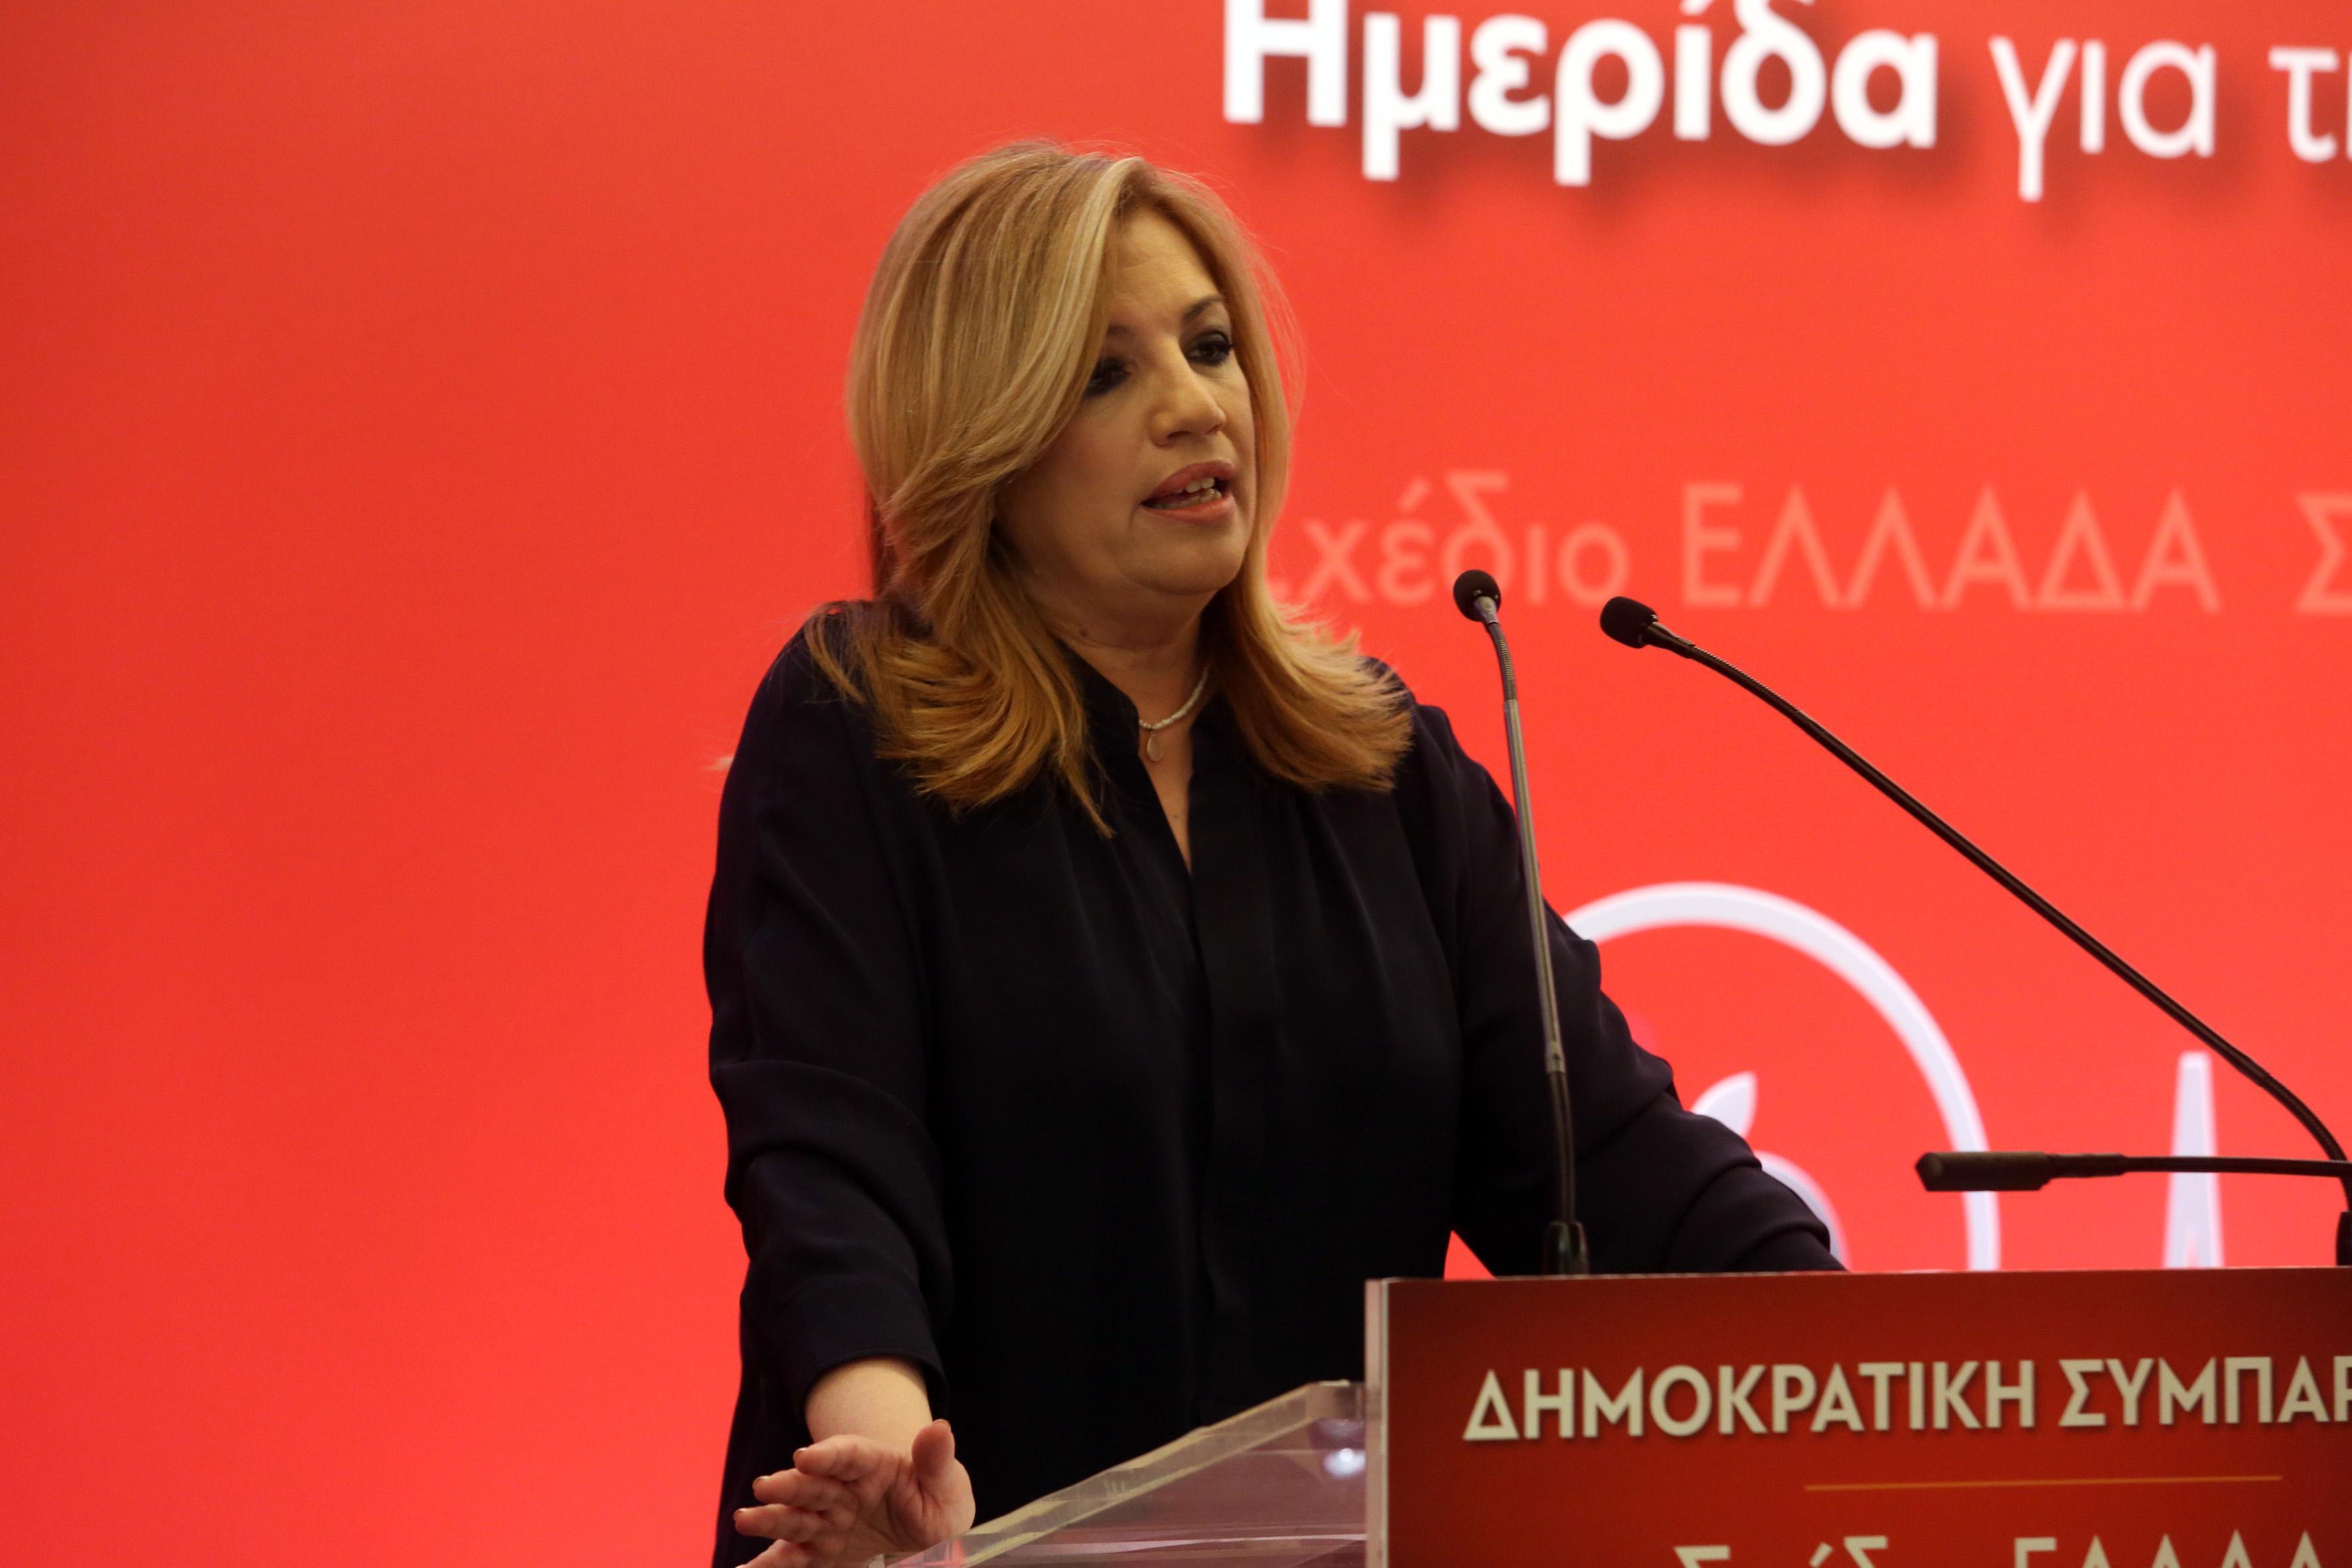 Φ. Γεννηματά: «Ουδέποτε έθεσα θέμα διάλυσης του ΠαΣοΚ» | tovima.gr